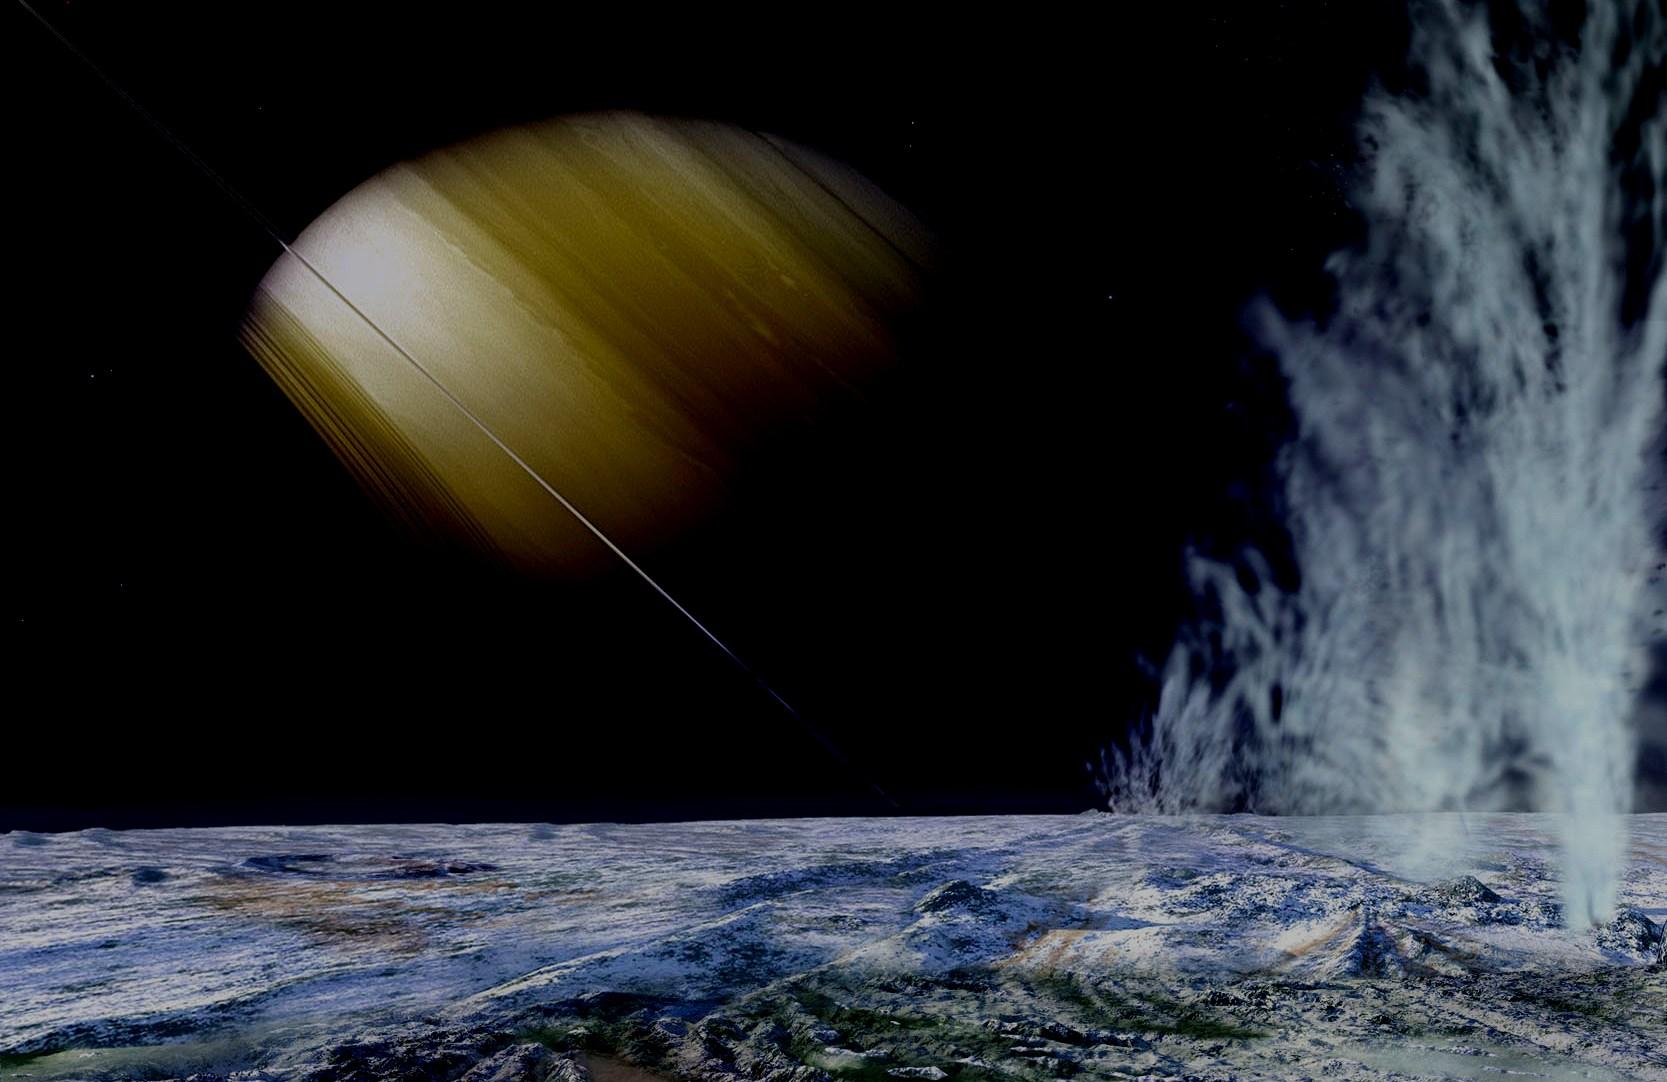 Enceladus What Kind Of Life The Science Geek